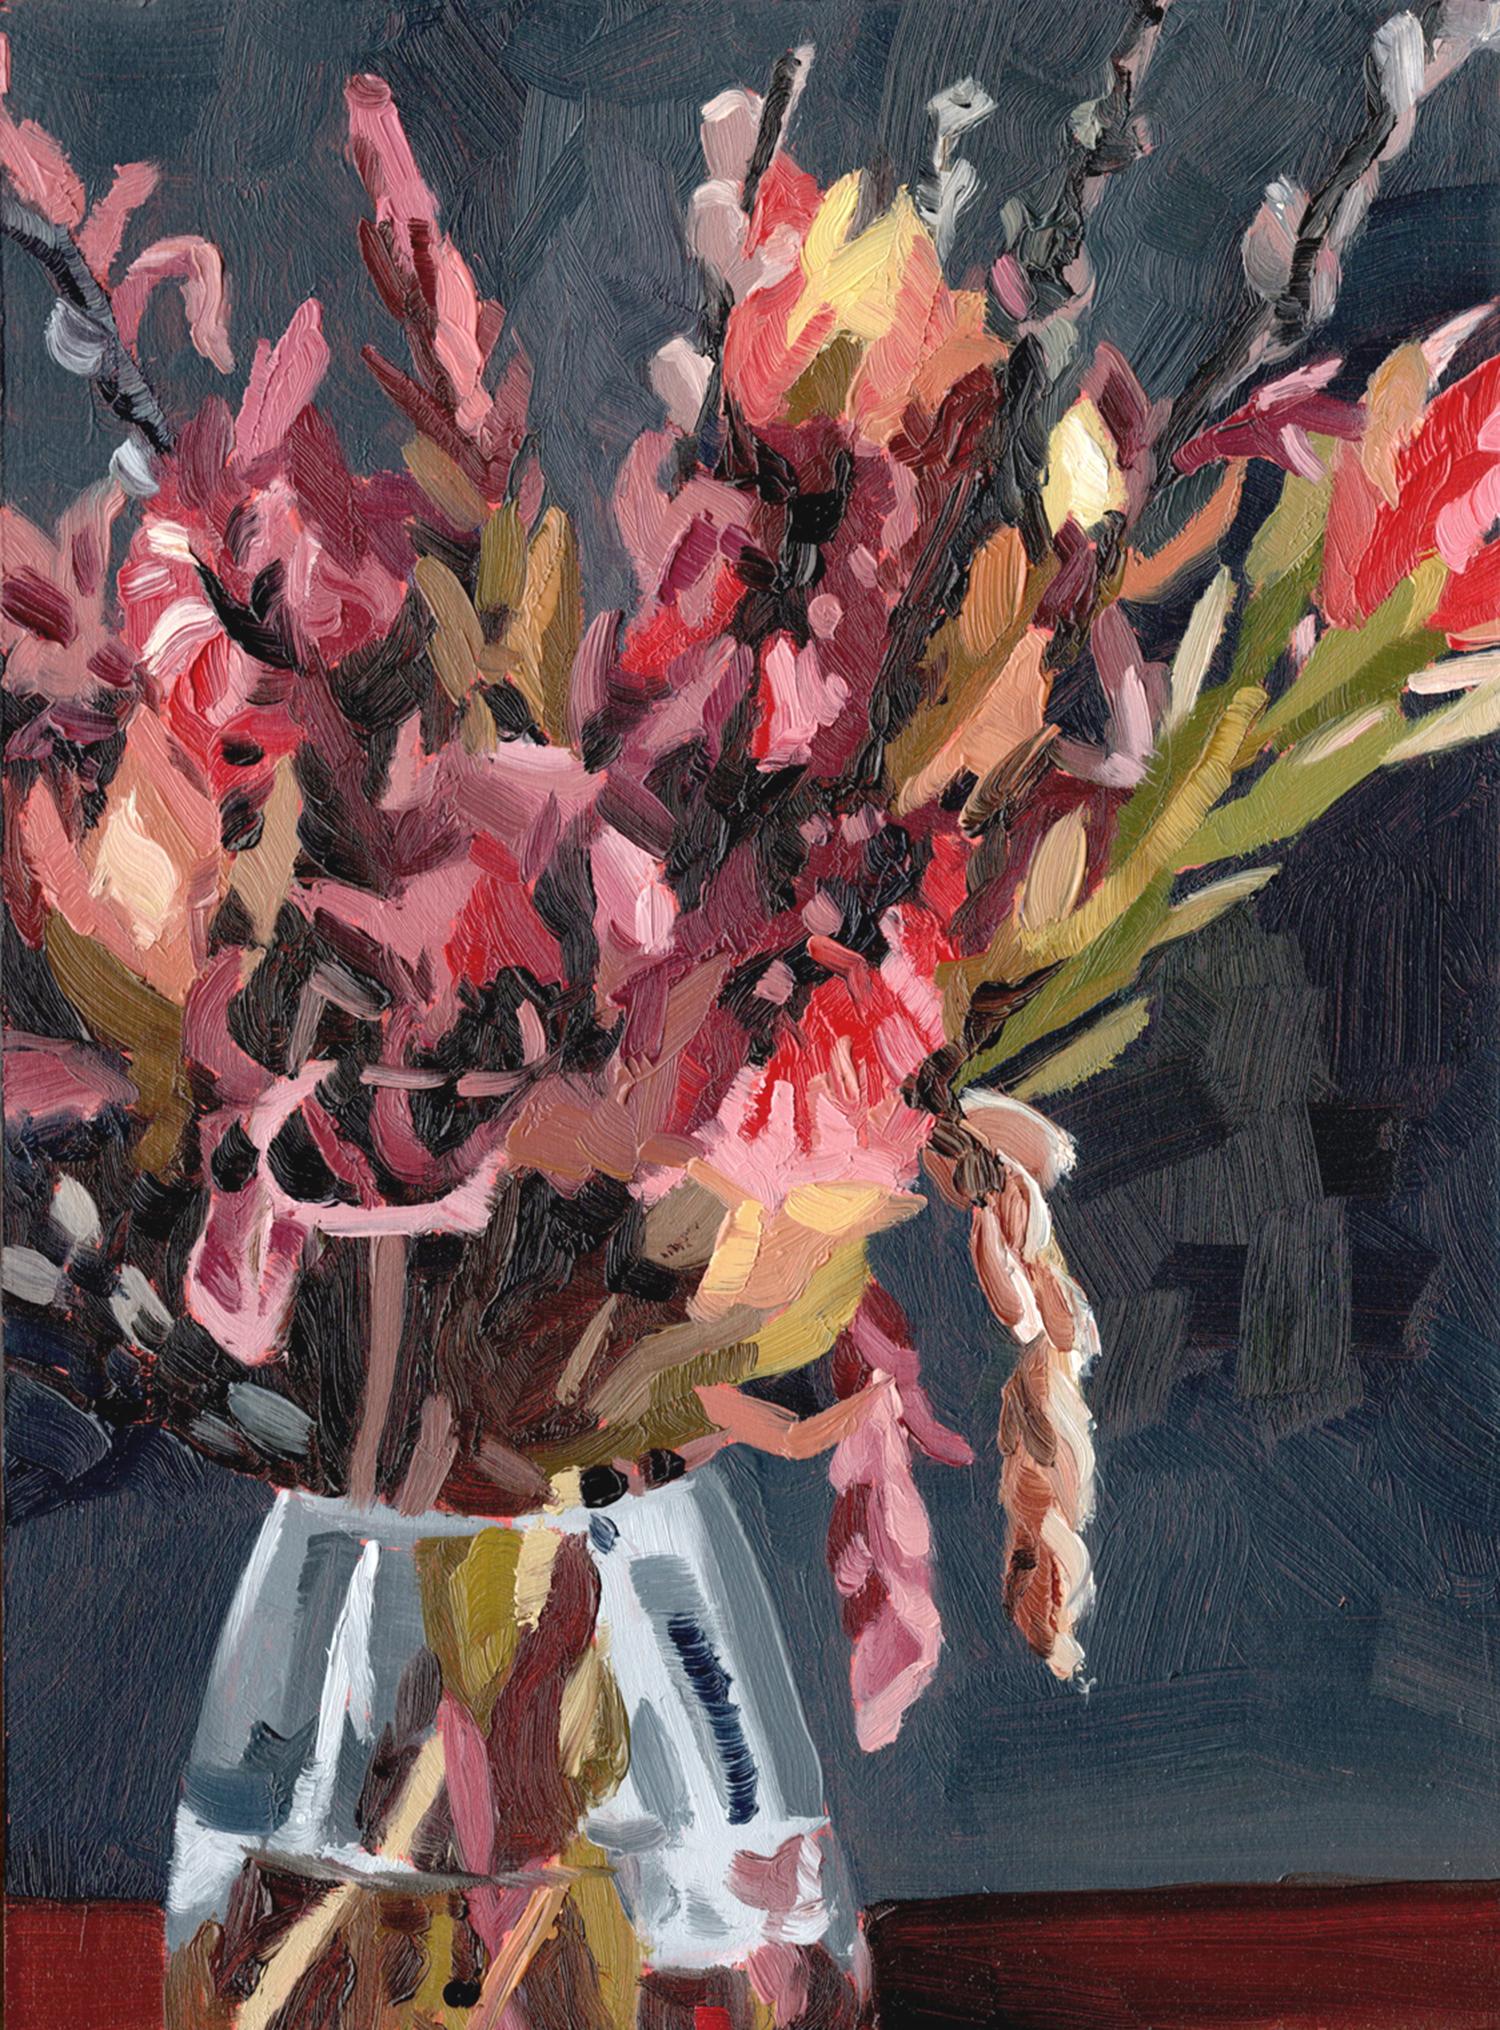 'Night still life' oil painting by Emma Fuss